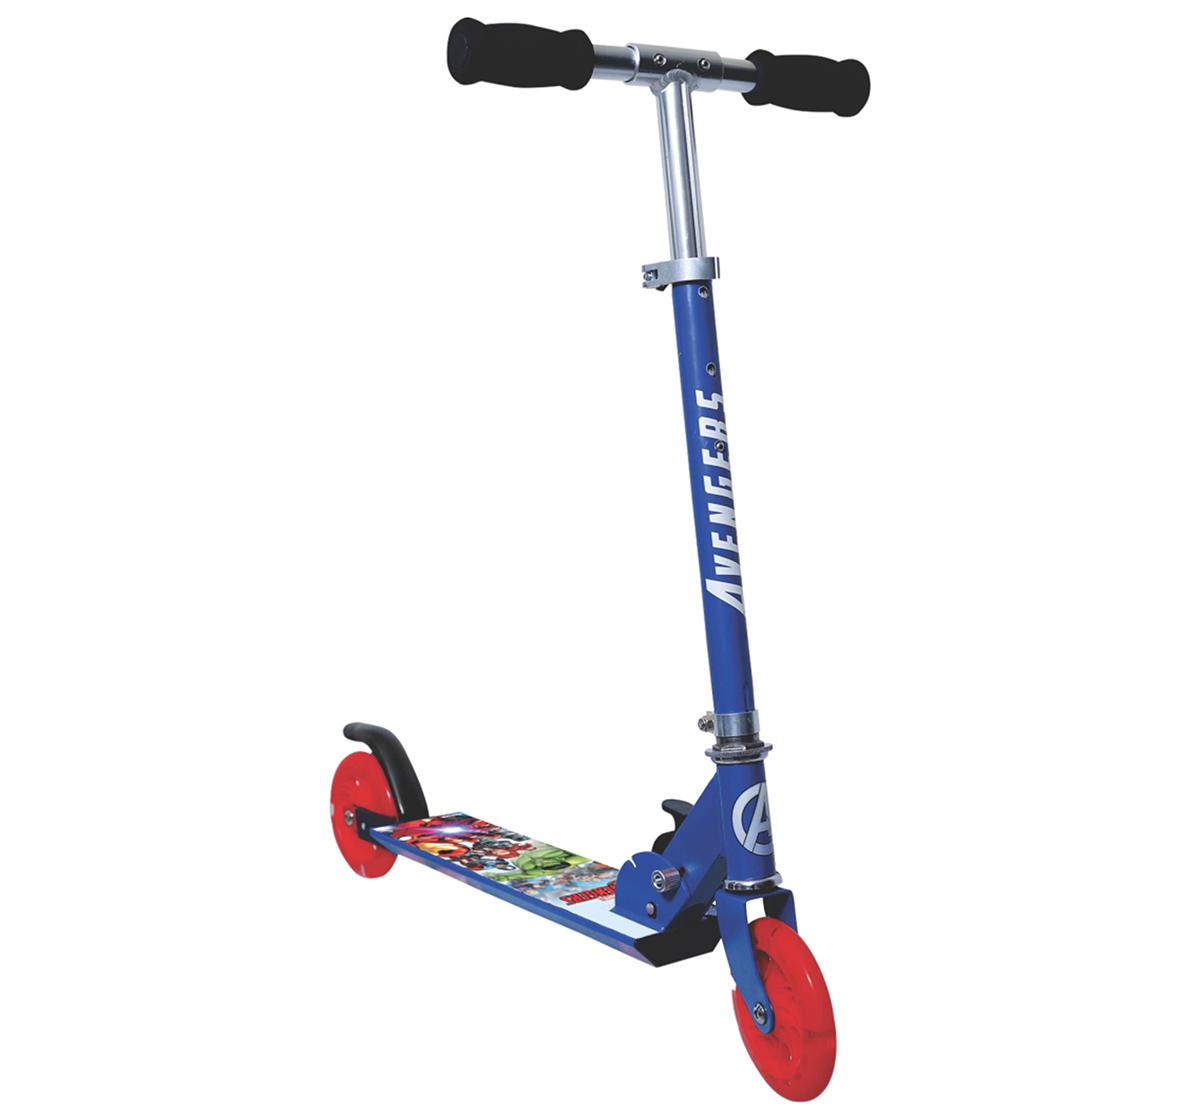 Rowan | Avengers 2-Wheel Scooter for Kids age 4Y+, Blue